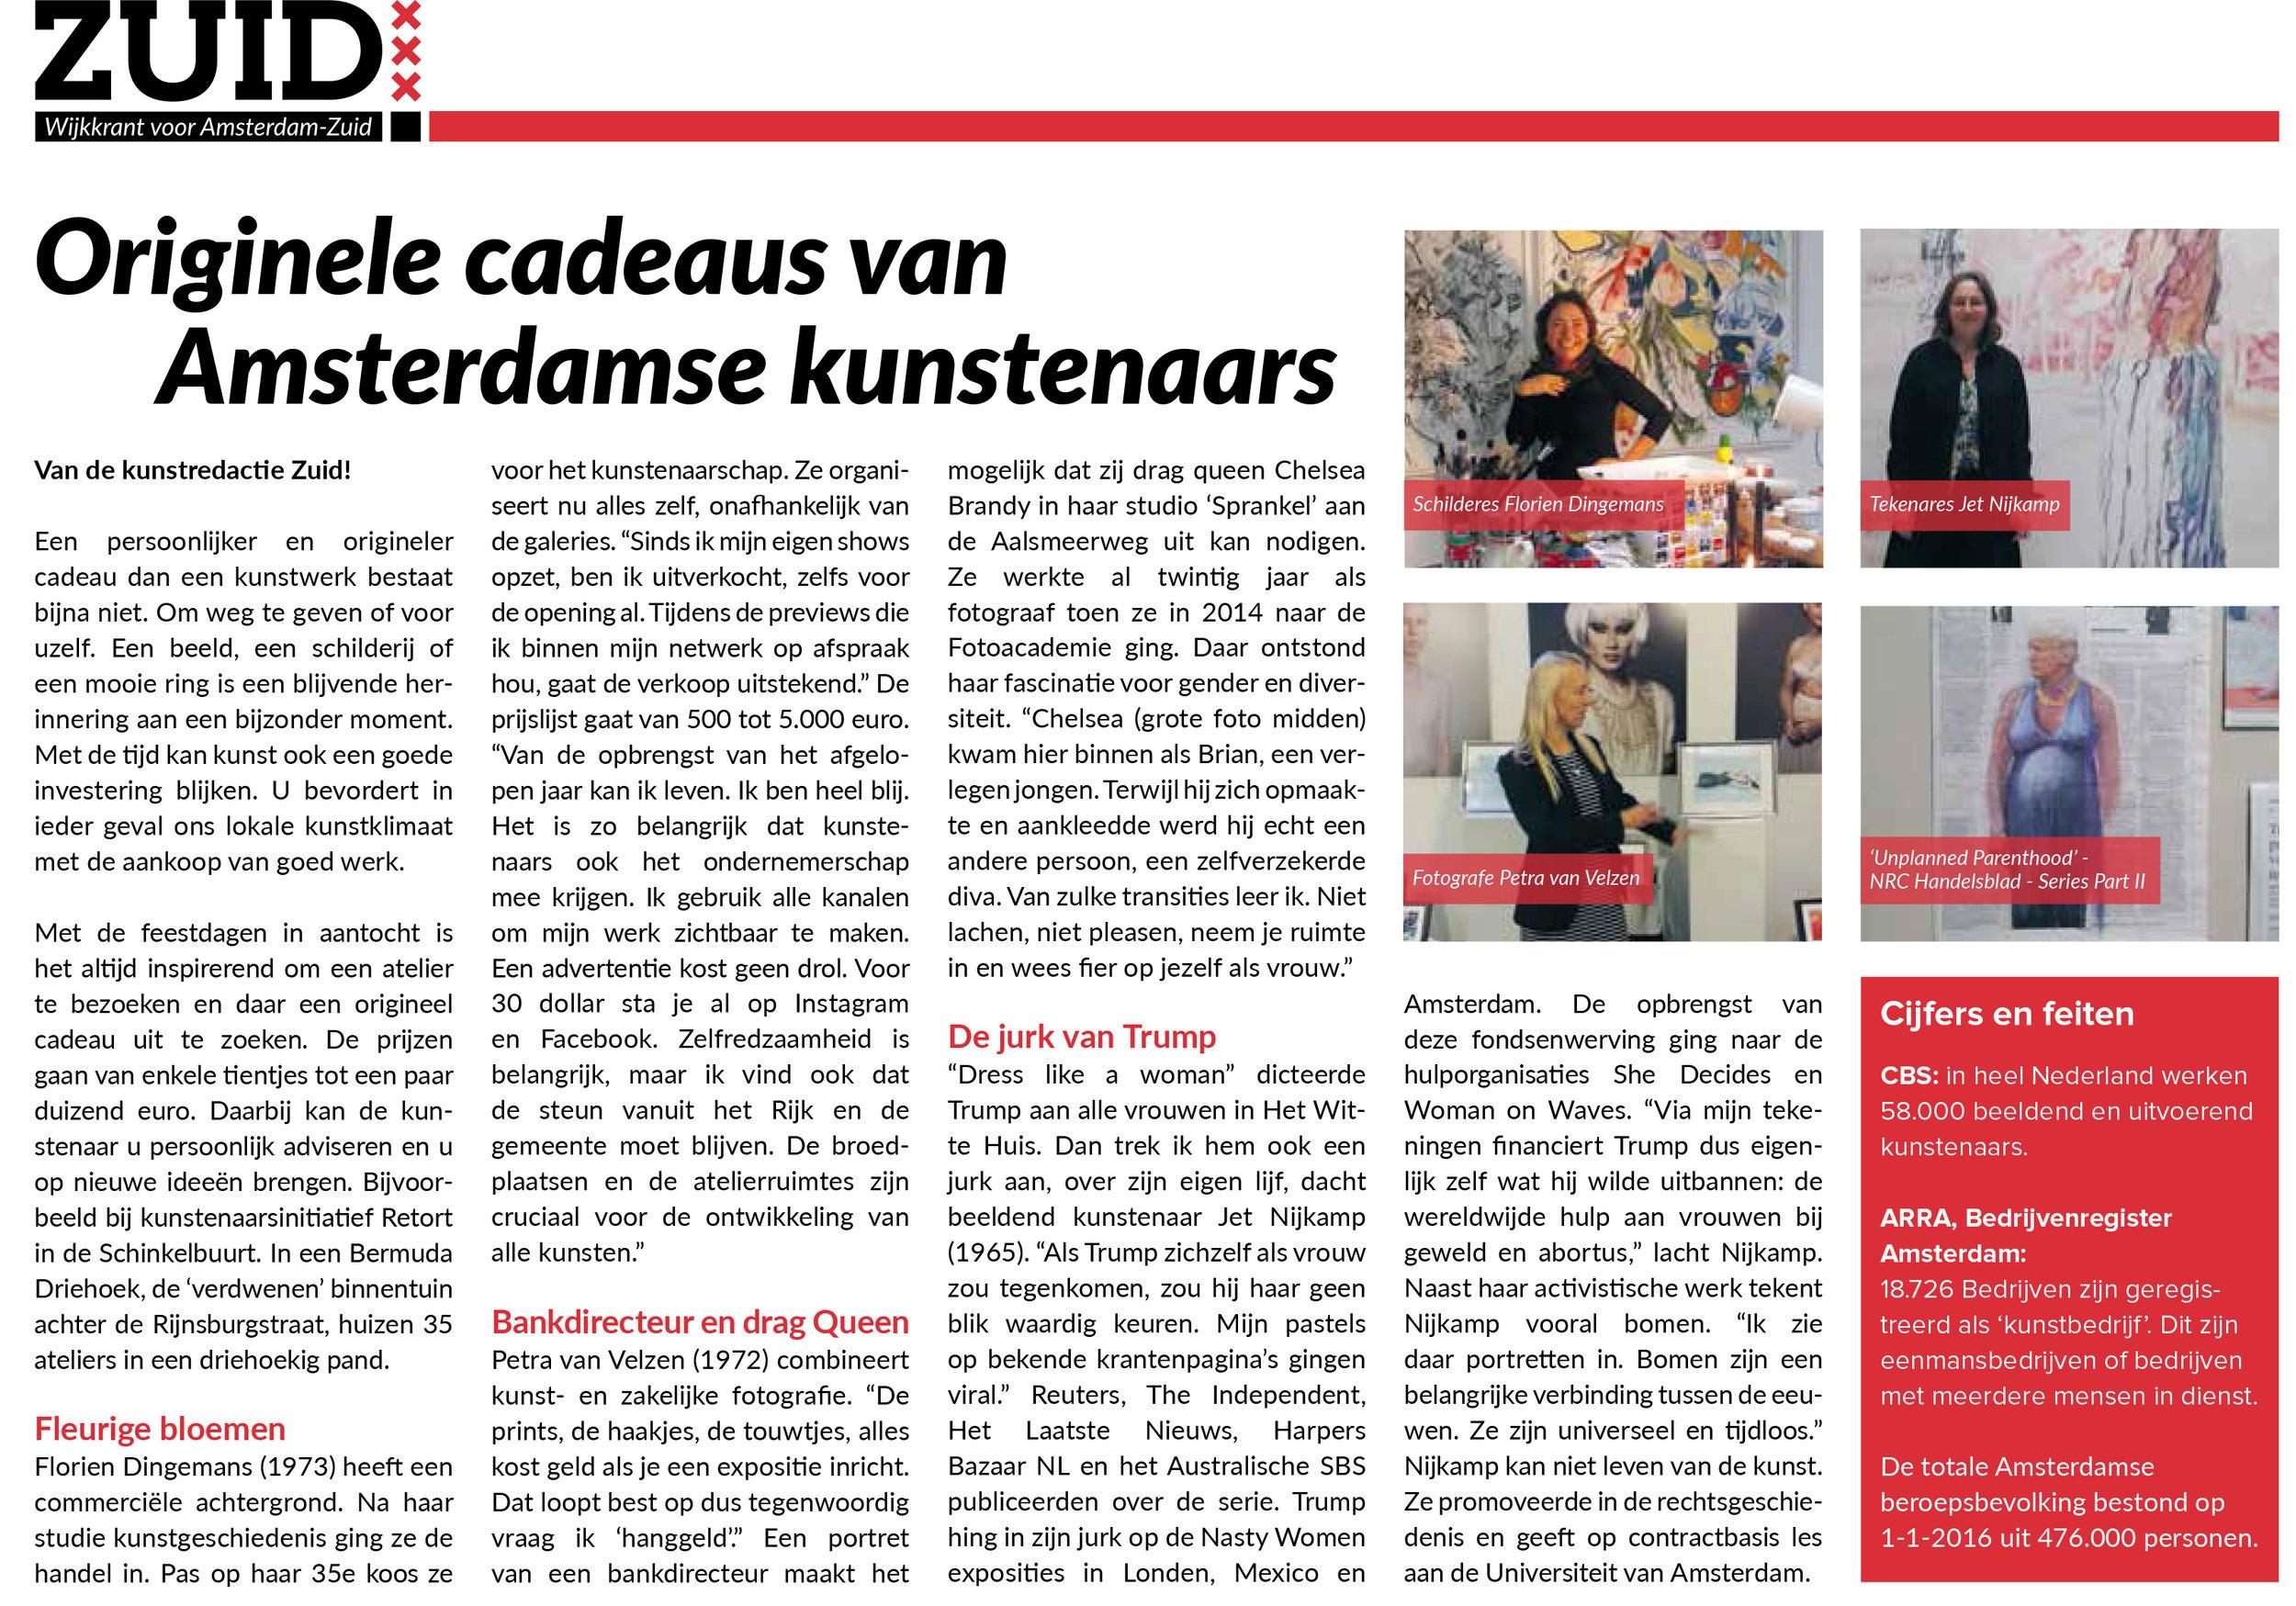 Jet Petra Florien Wijkkrant_ZUID_November-14.jpg